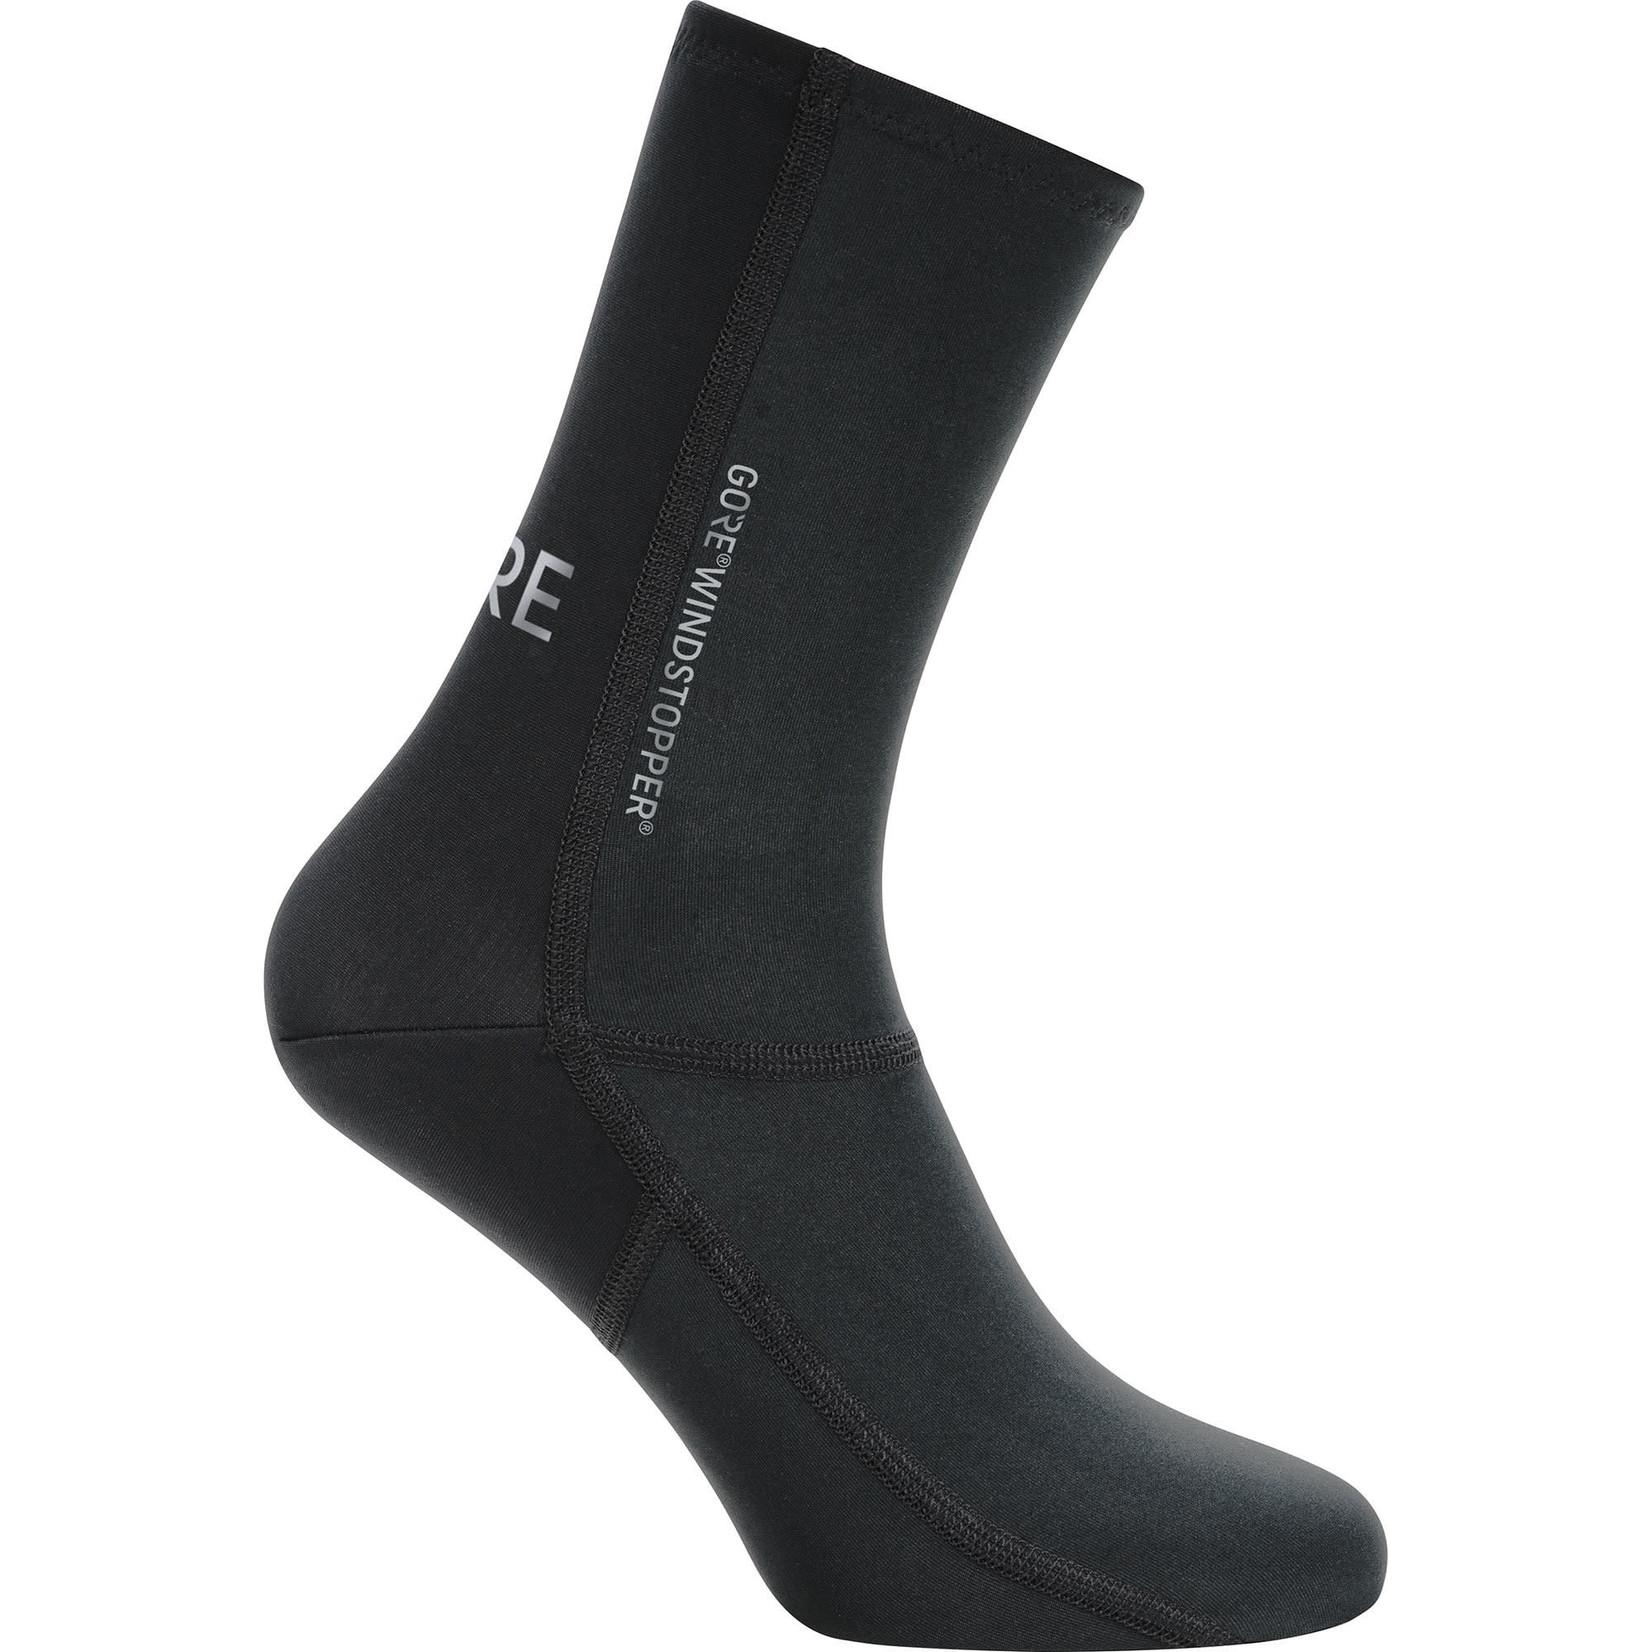 GORE Wear GORE C3 Partial Windstopper Socks